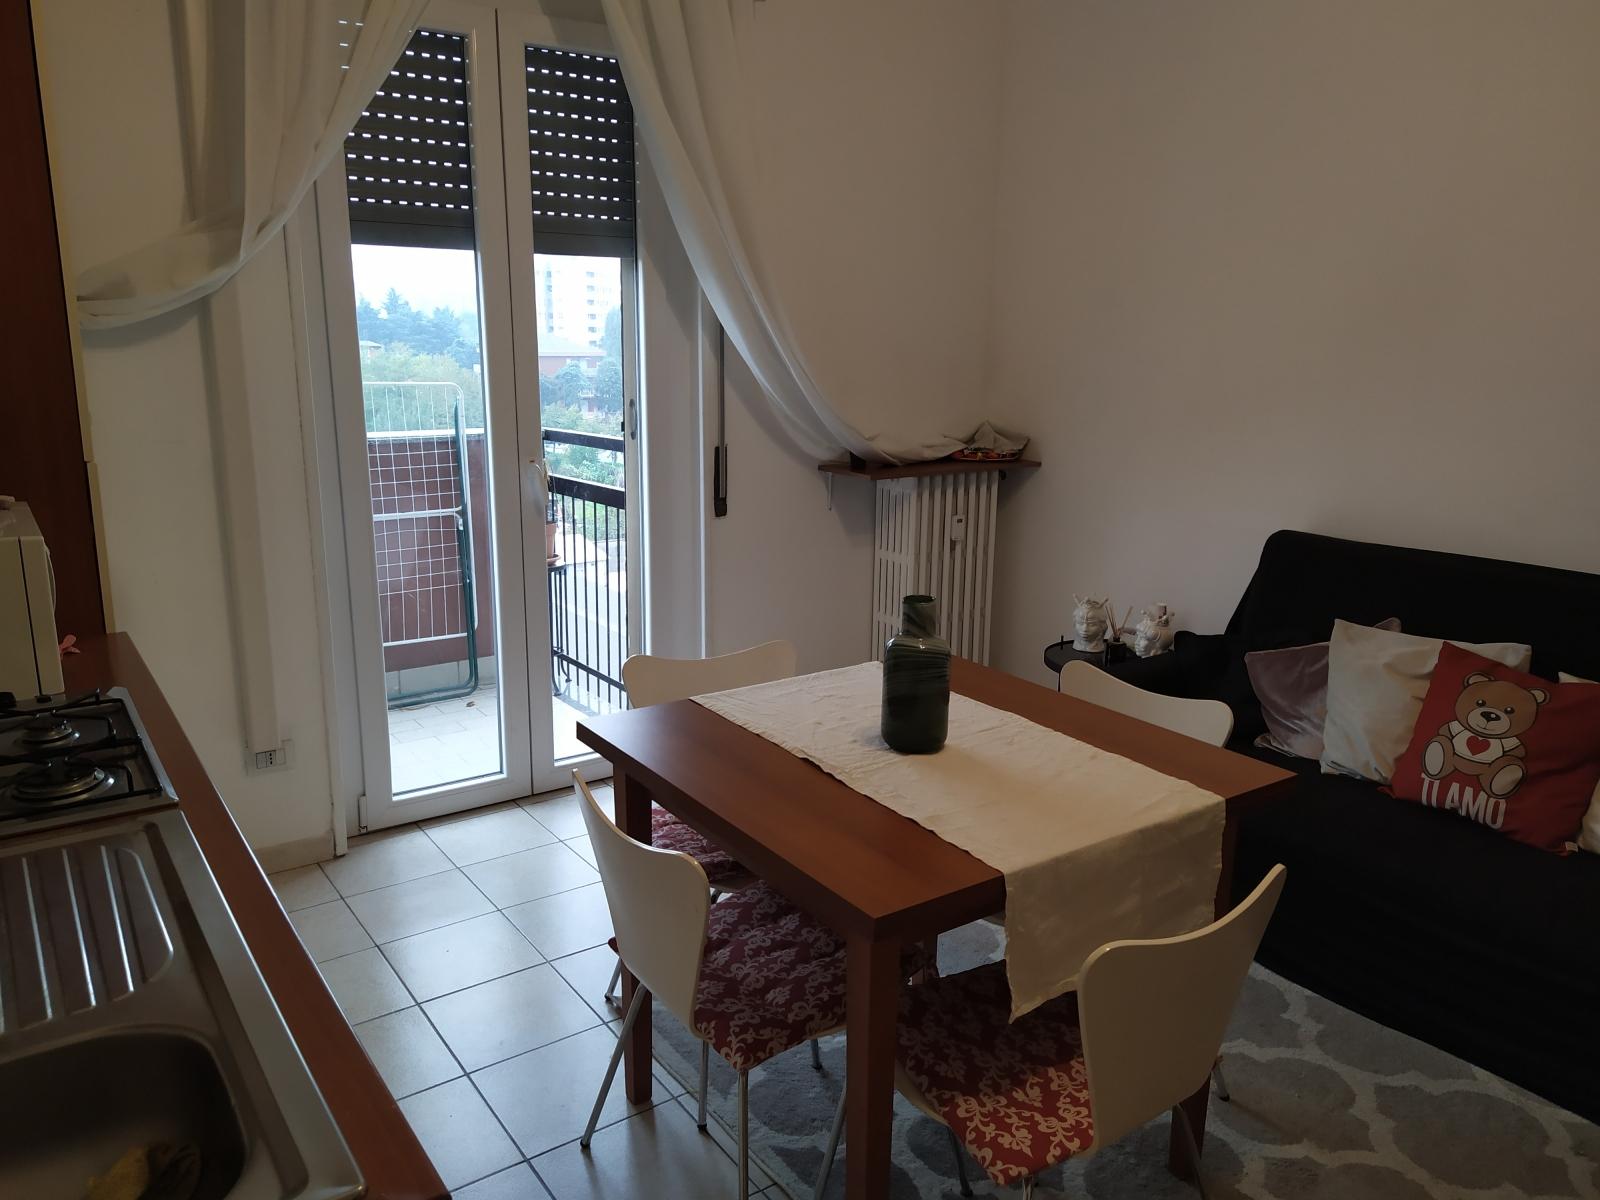 appartamento-in-affitto-milano-baggio-spaziourbano-immobiliare-vende-5